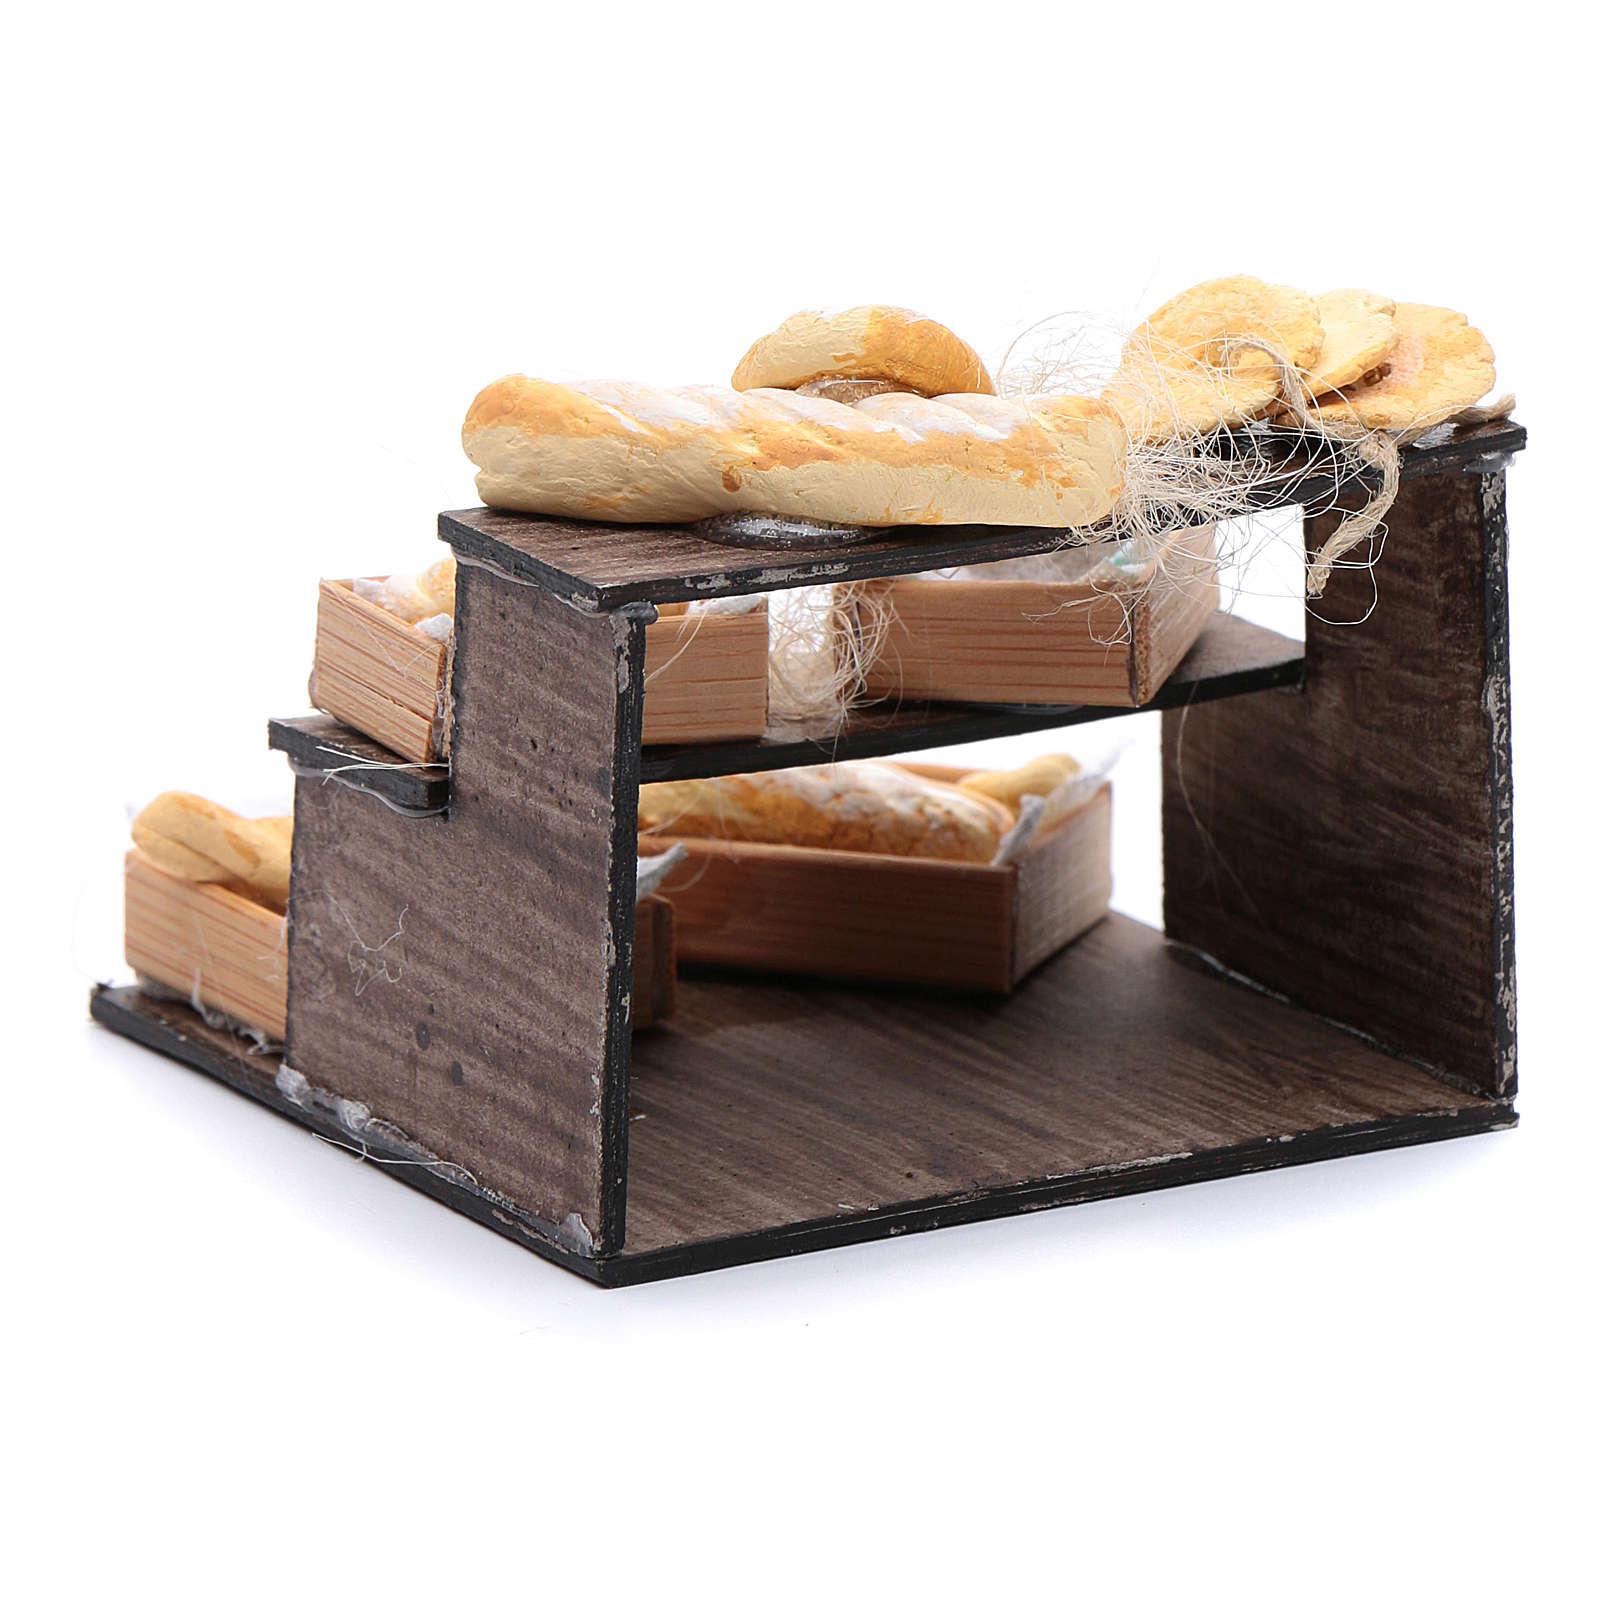 Banco di pane e cesti 5x5x5 cm presepe napoletano 4